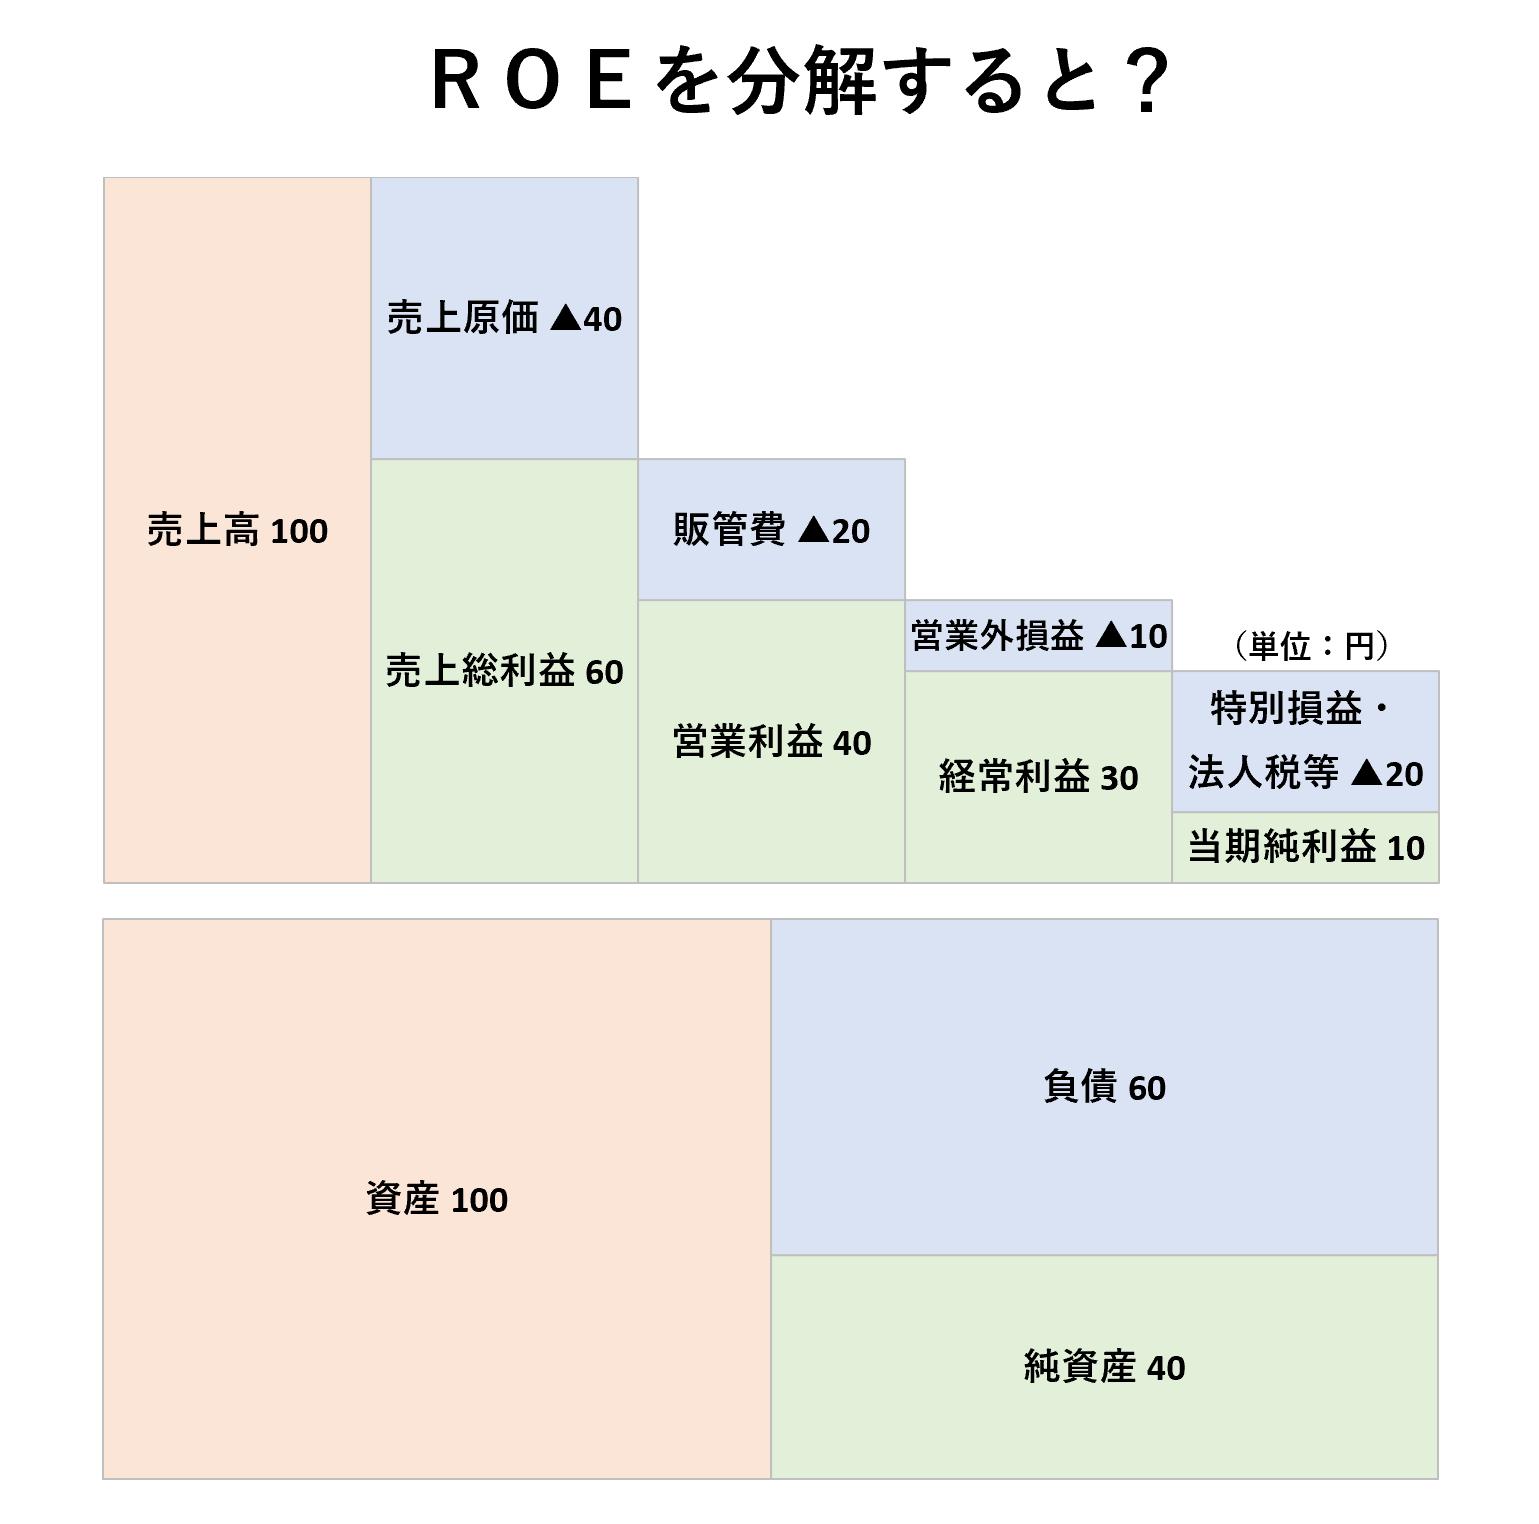 収益性分析(2級):ROEの分解ー問題